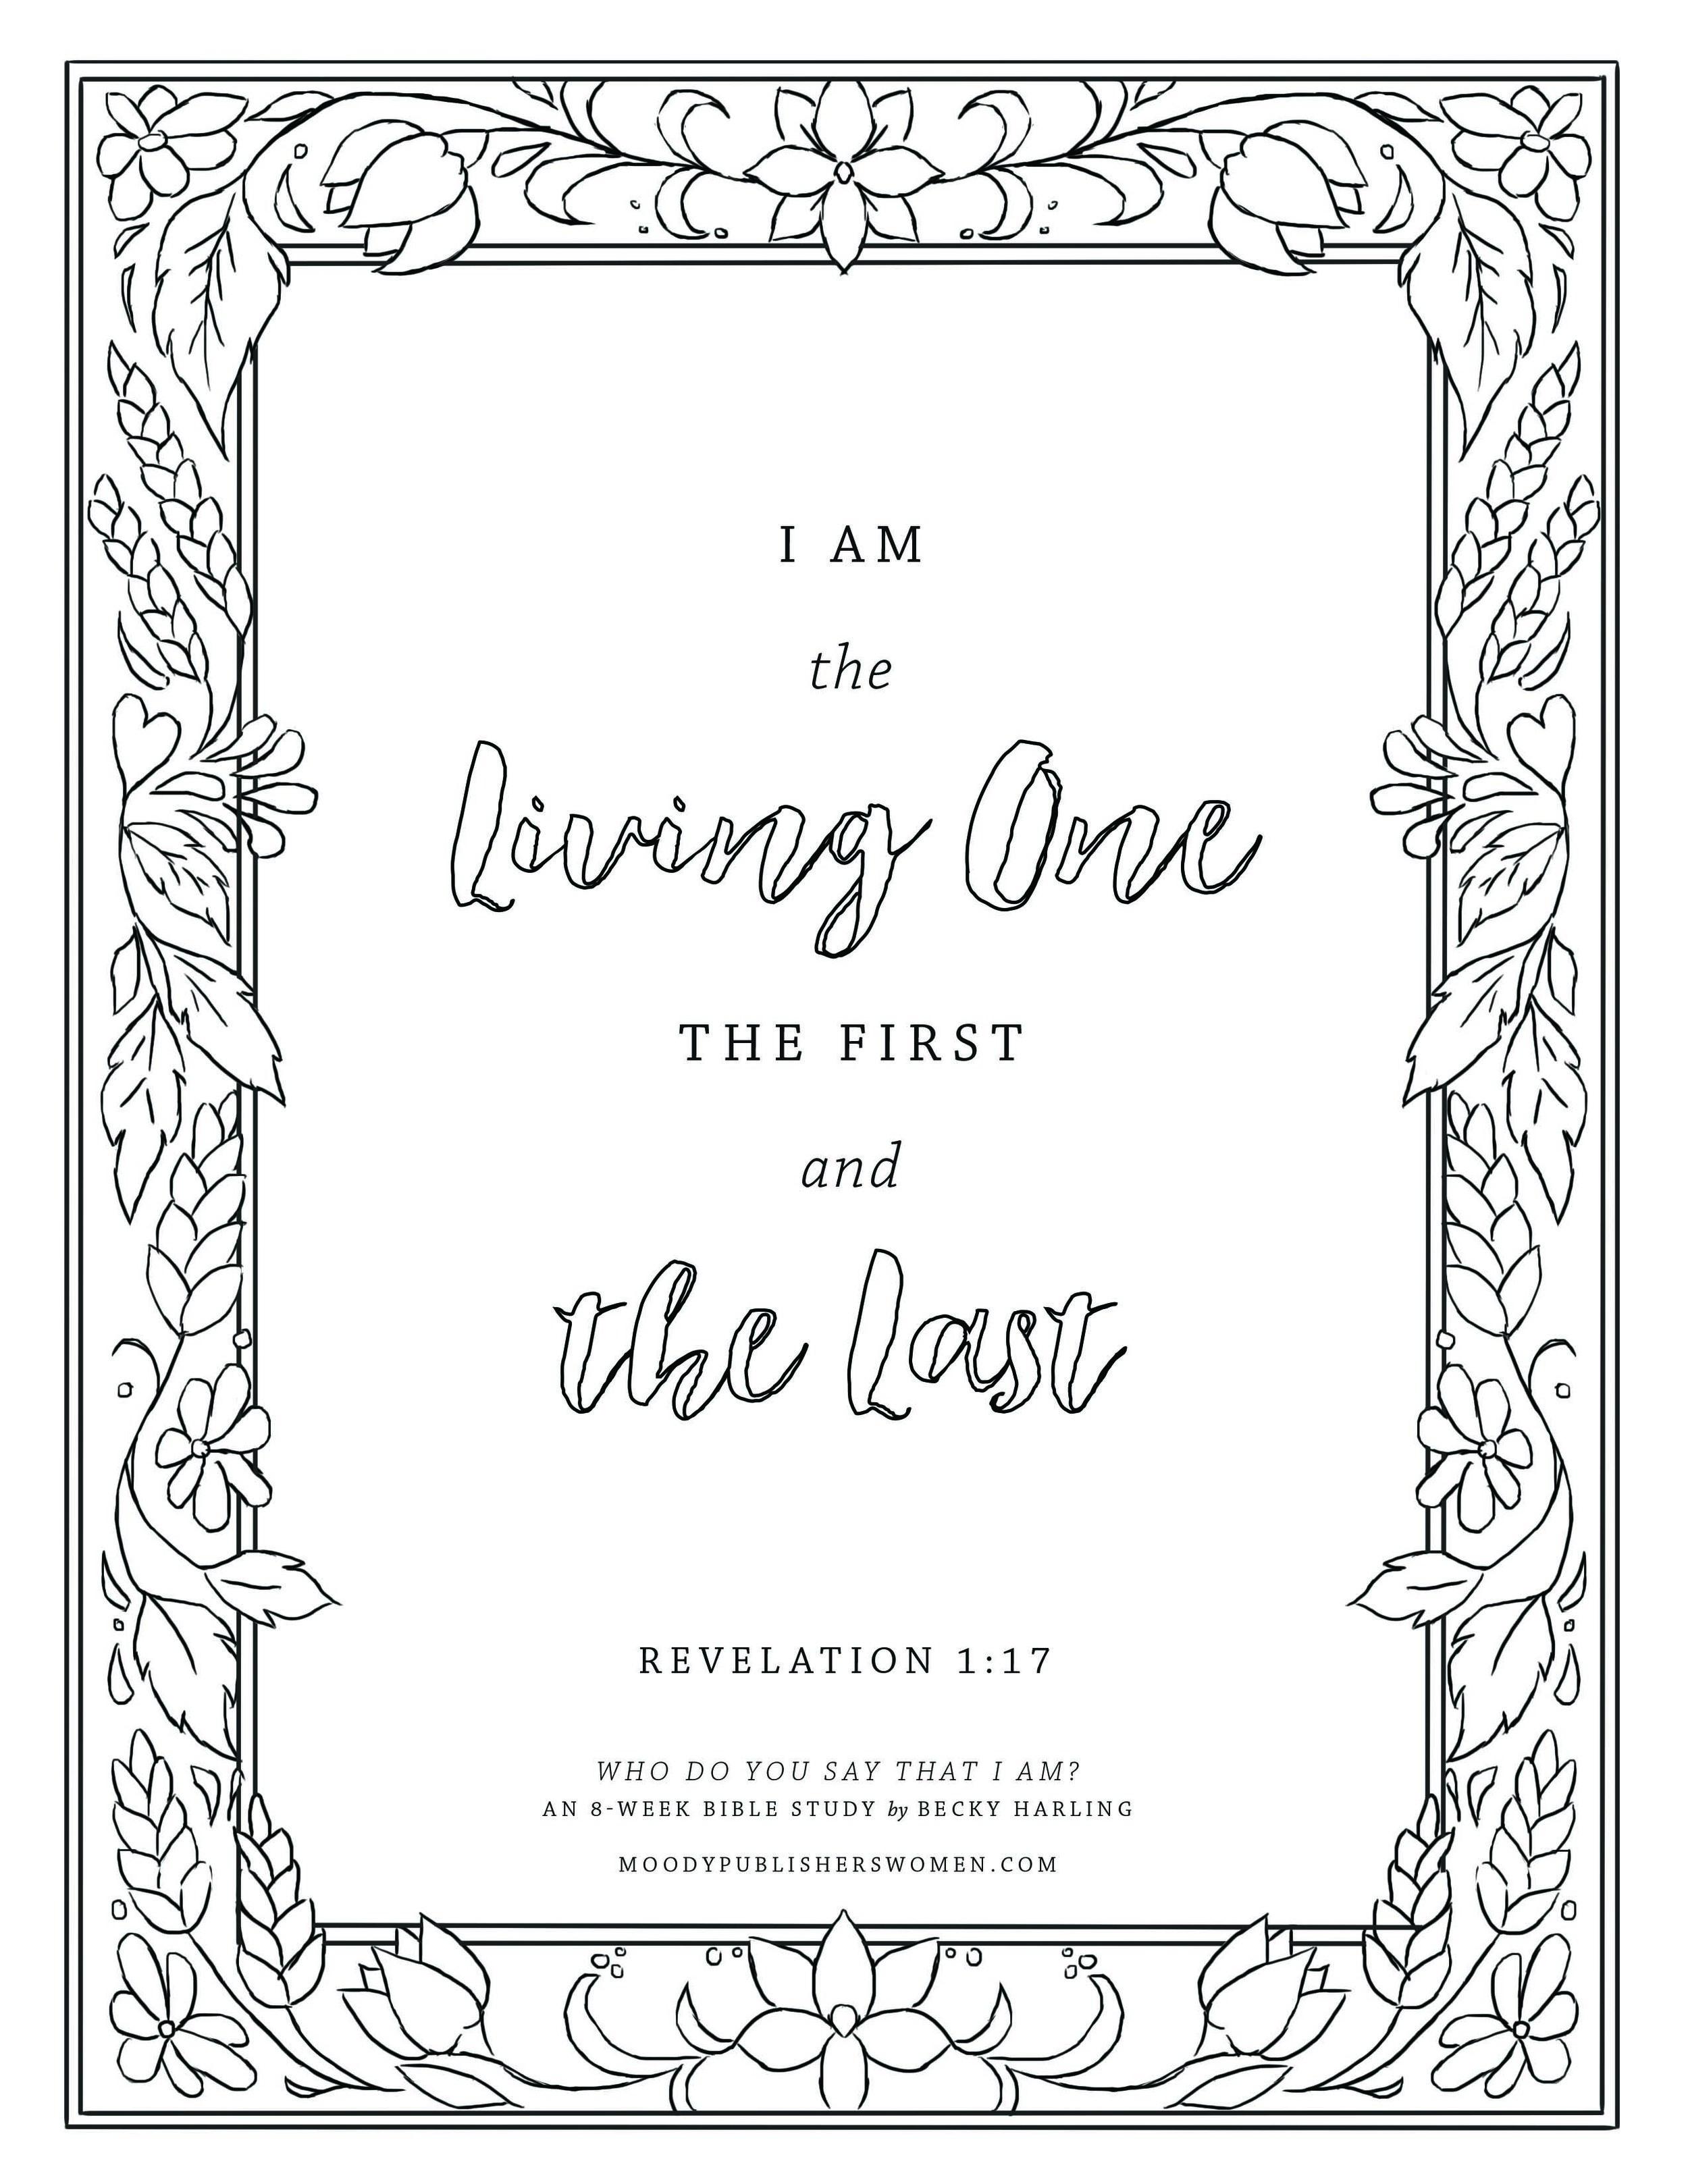 living_one.jpg